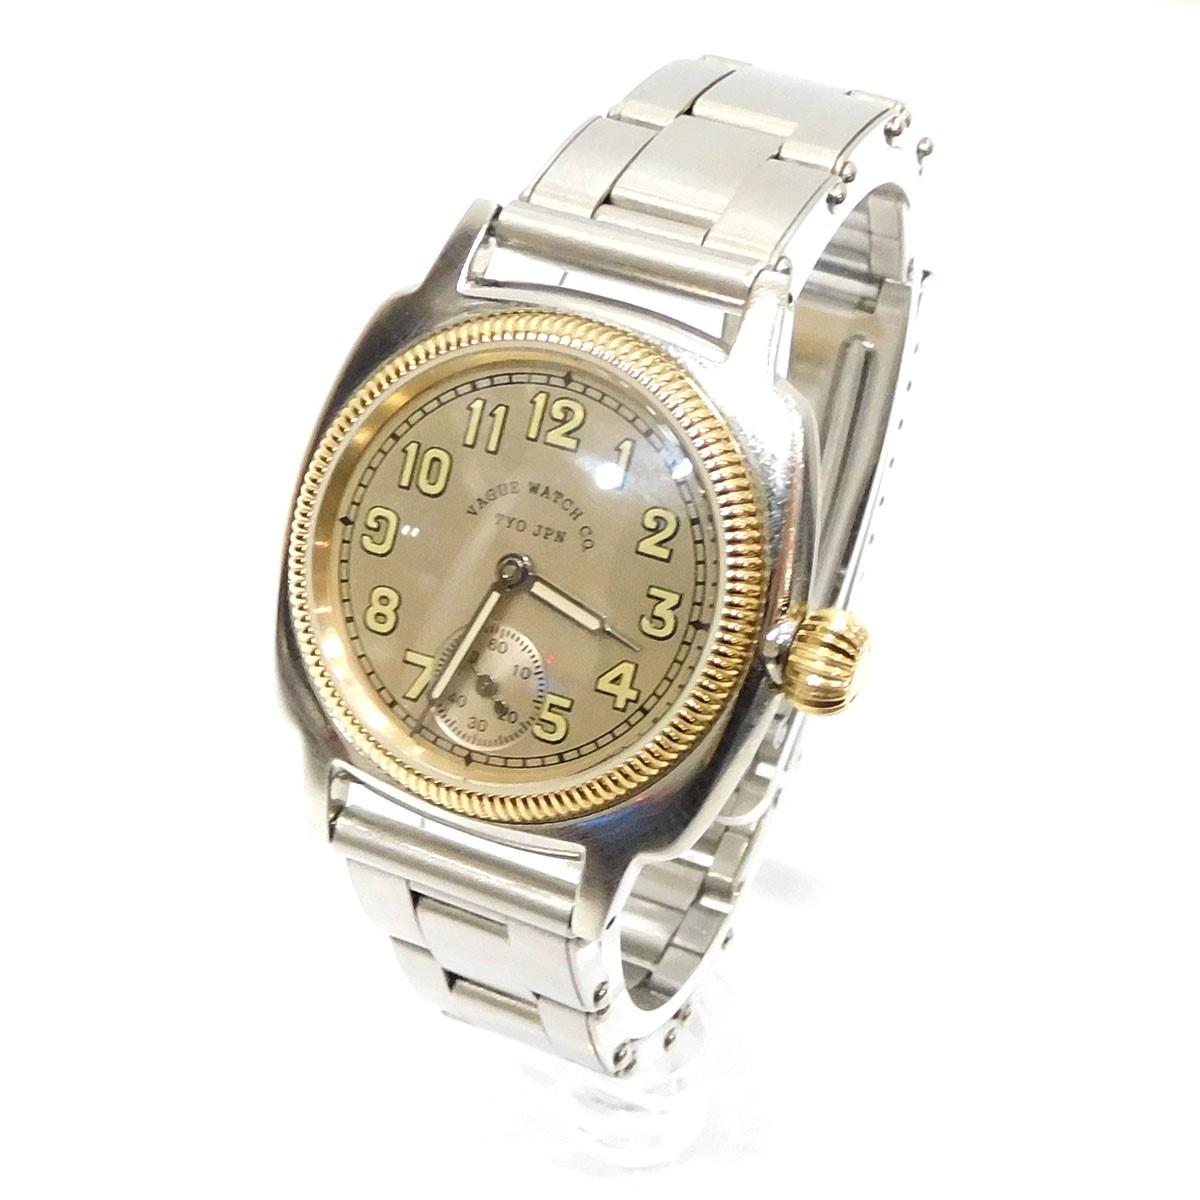 【中古】VAGUE WATCH CO. 「COUSSIN」 腕時計 シルバー/ゴールド 【260220】(ヴァーグウォッチカンパニー)